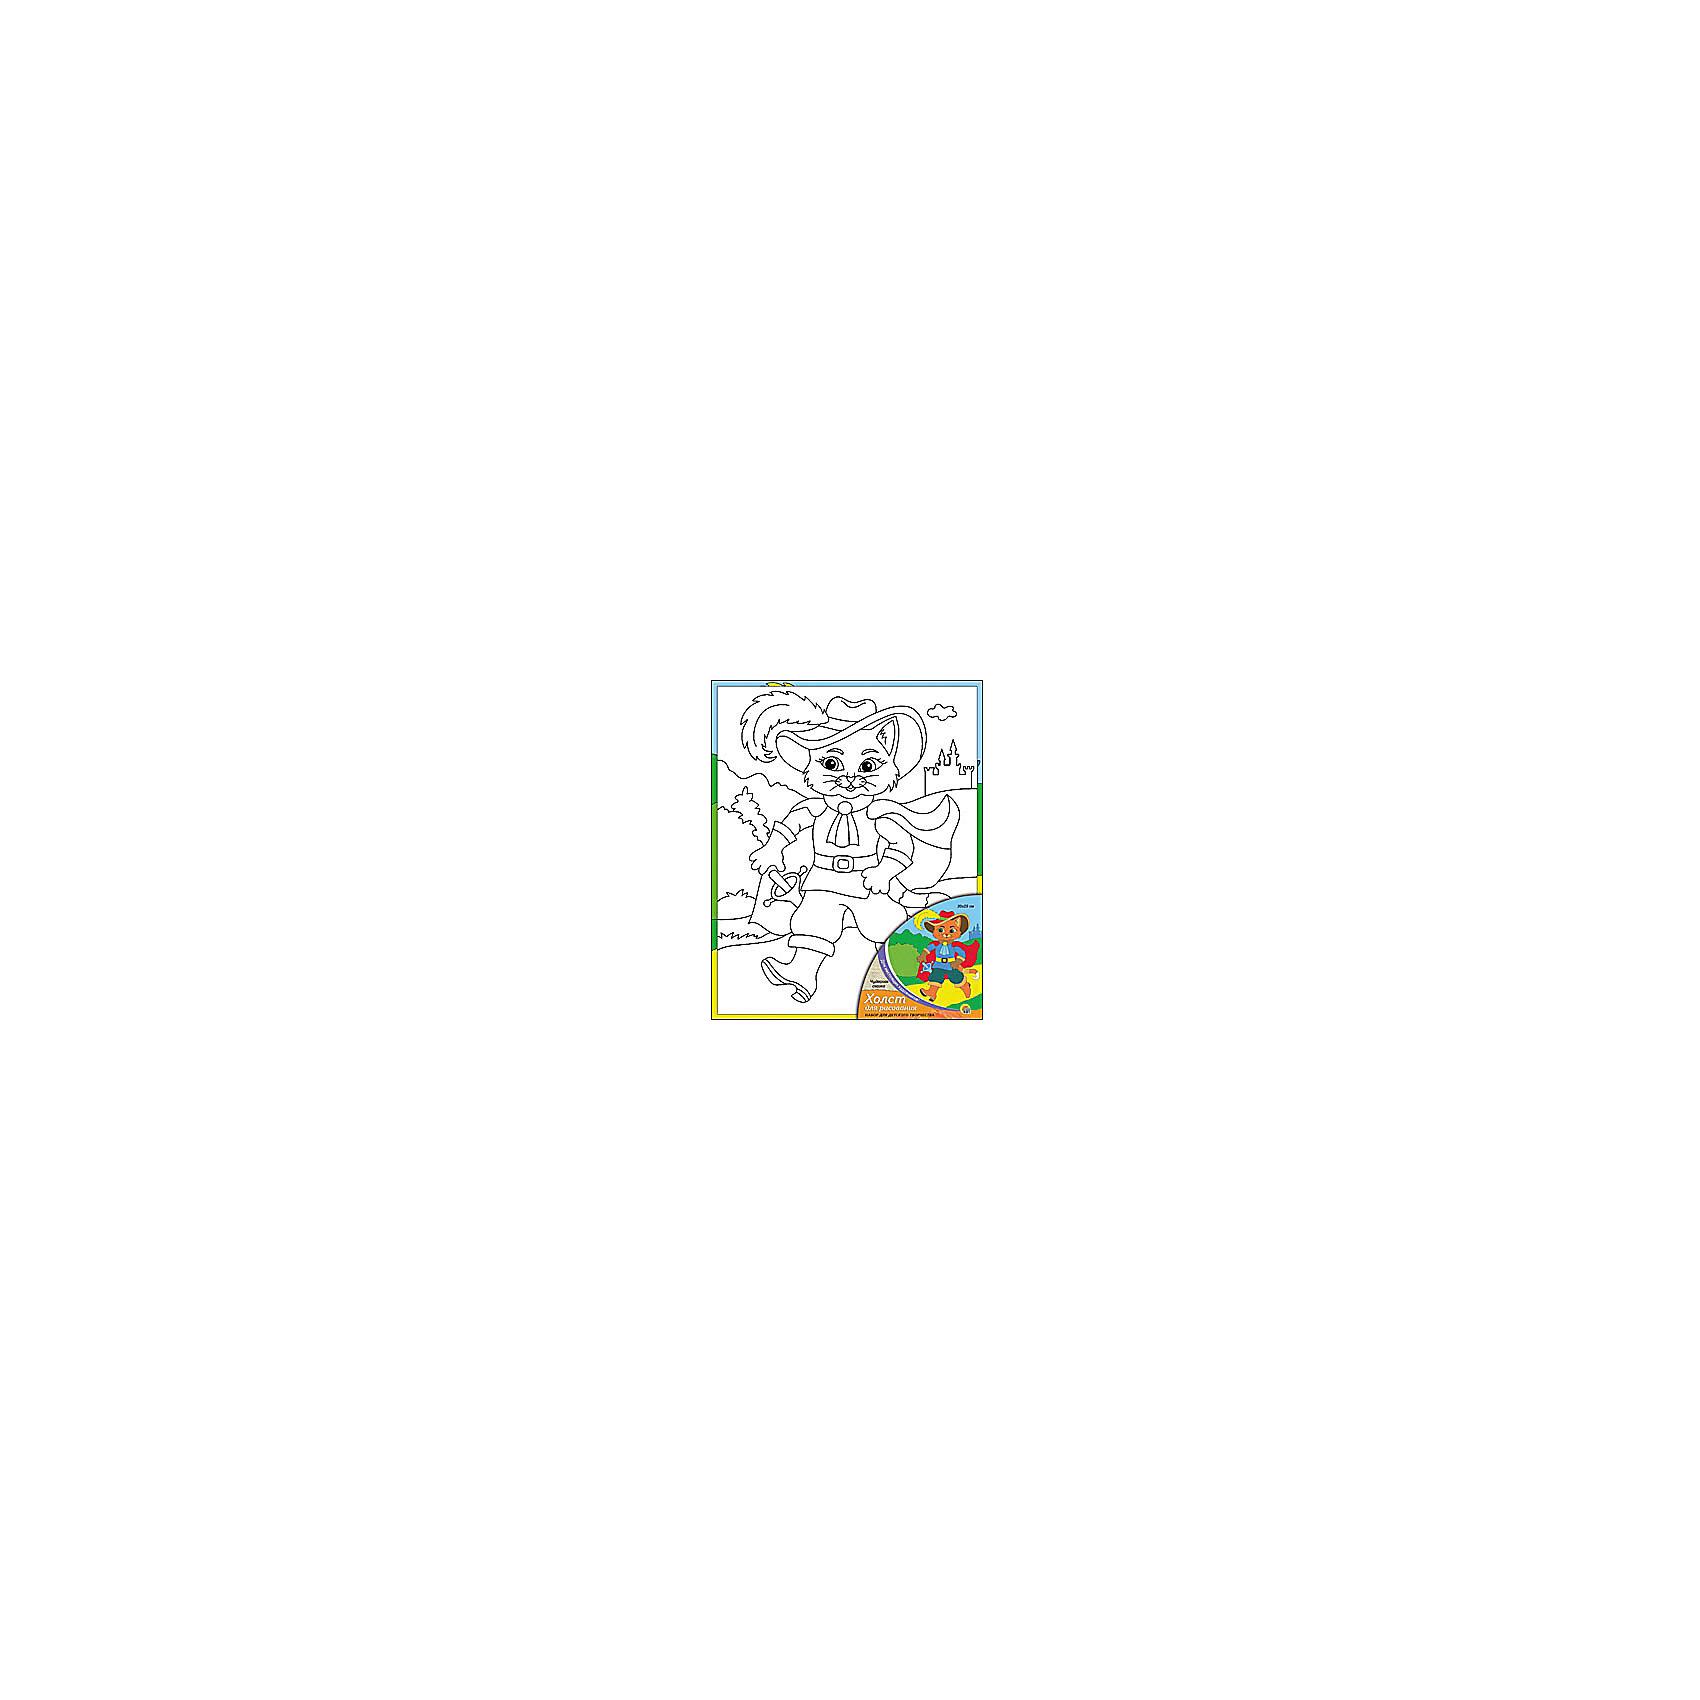 Холст с красками Чудесная сказка, 20х25 смРисование<br>Холст с красками Чудесная сказка - прекрасный подарок детям, которые любят рисовать. В наборе вы найдете всё, что нужно для детского творчества: холст с эскизом, яркие краски и кисточка. Готовую картинку можно подарить друзьям или украсить свою комнату!<br><br>Дополнительная информация:<br>Сказочный персонаж: Кот в Сапогах<br>В наборе: холст-эскиз, 7 акриловых красок, кисточка<br>Размер: 20х1,5х25 см<br>Вес: 210 грамм<br>Холст с красками Чудесная сказка можно купить в нашем интернет-магазине.<br><br>Ширина мм: 250<br>Глубина мм: 15<br>Высота мм: 200<br>Вес г: 210<br>Возраст от месяцев: 36<br>Возраст до месяцев: 120<br>Пол: Унисекс<br>Возраст: Детский<br>SKU: 4939523